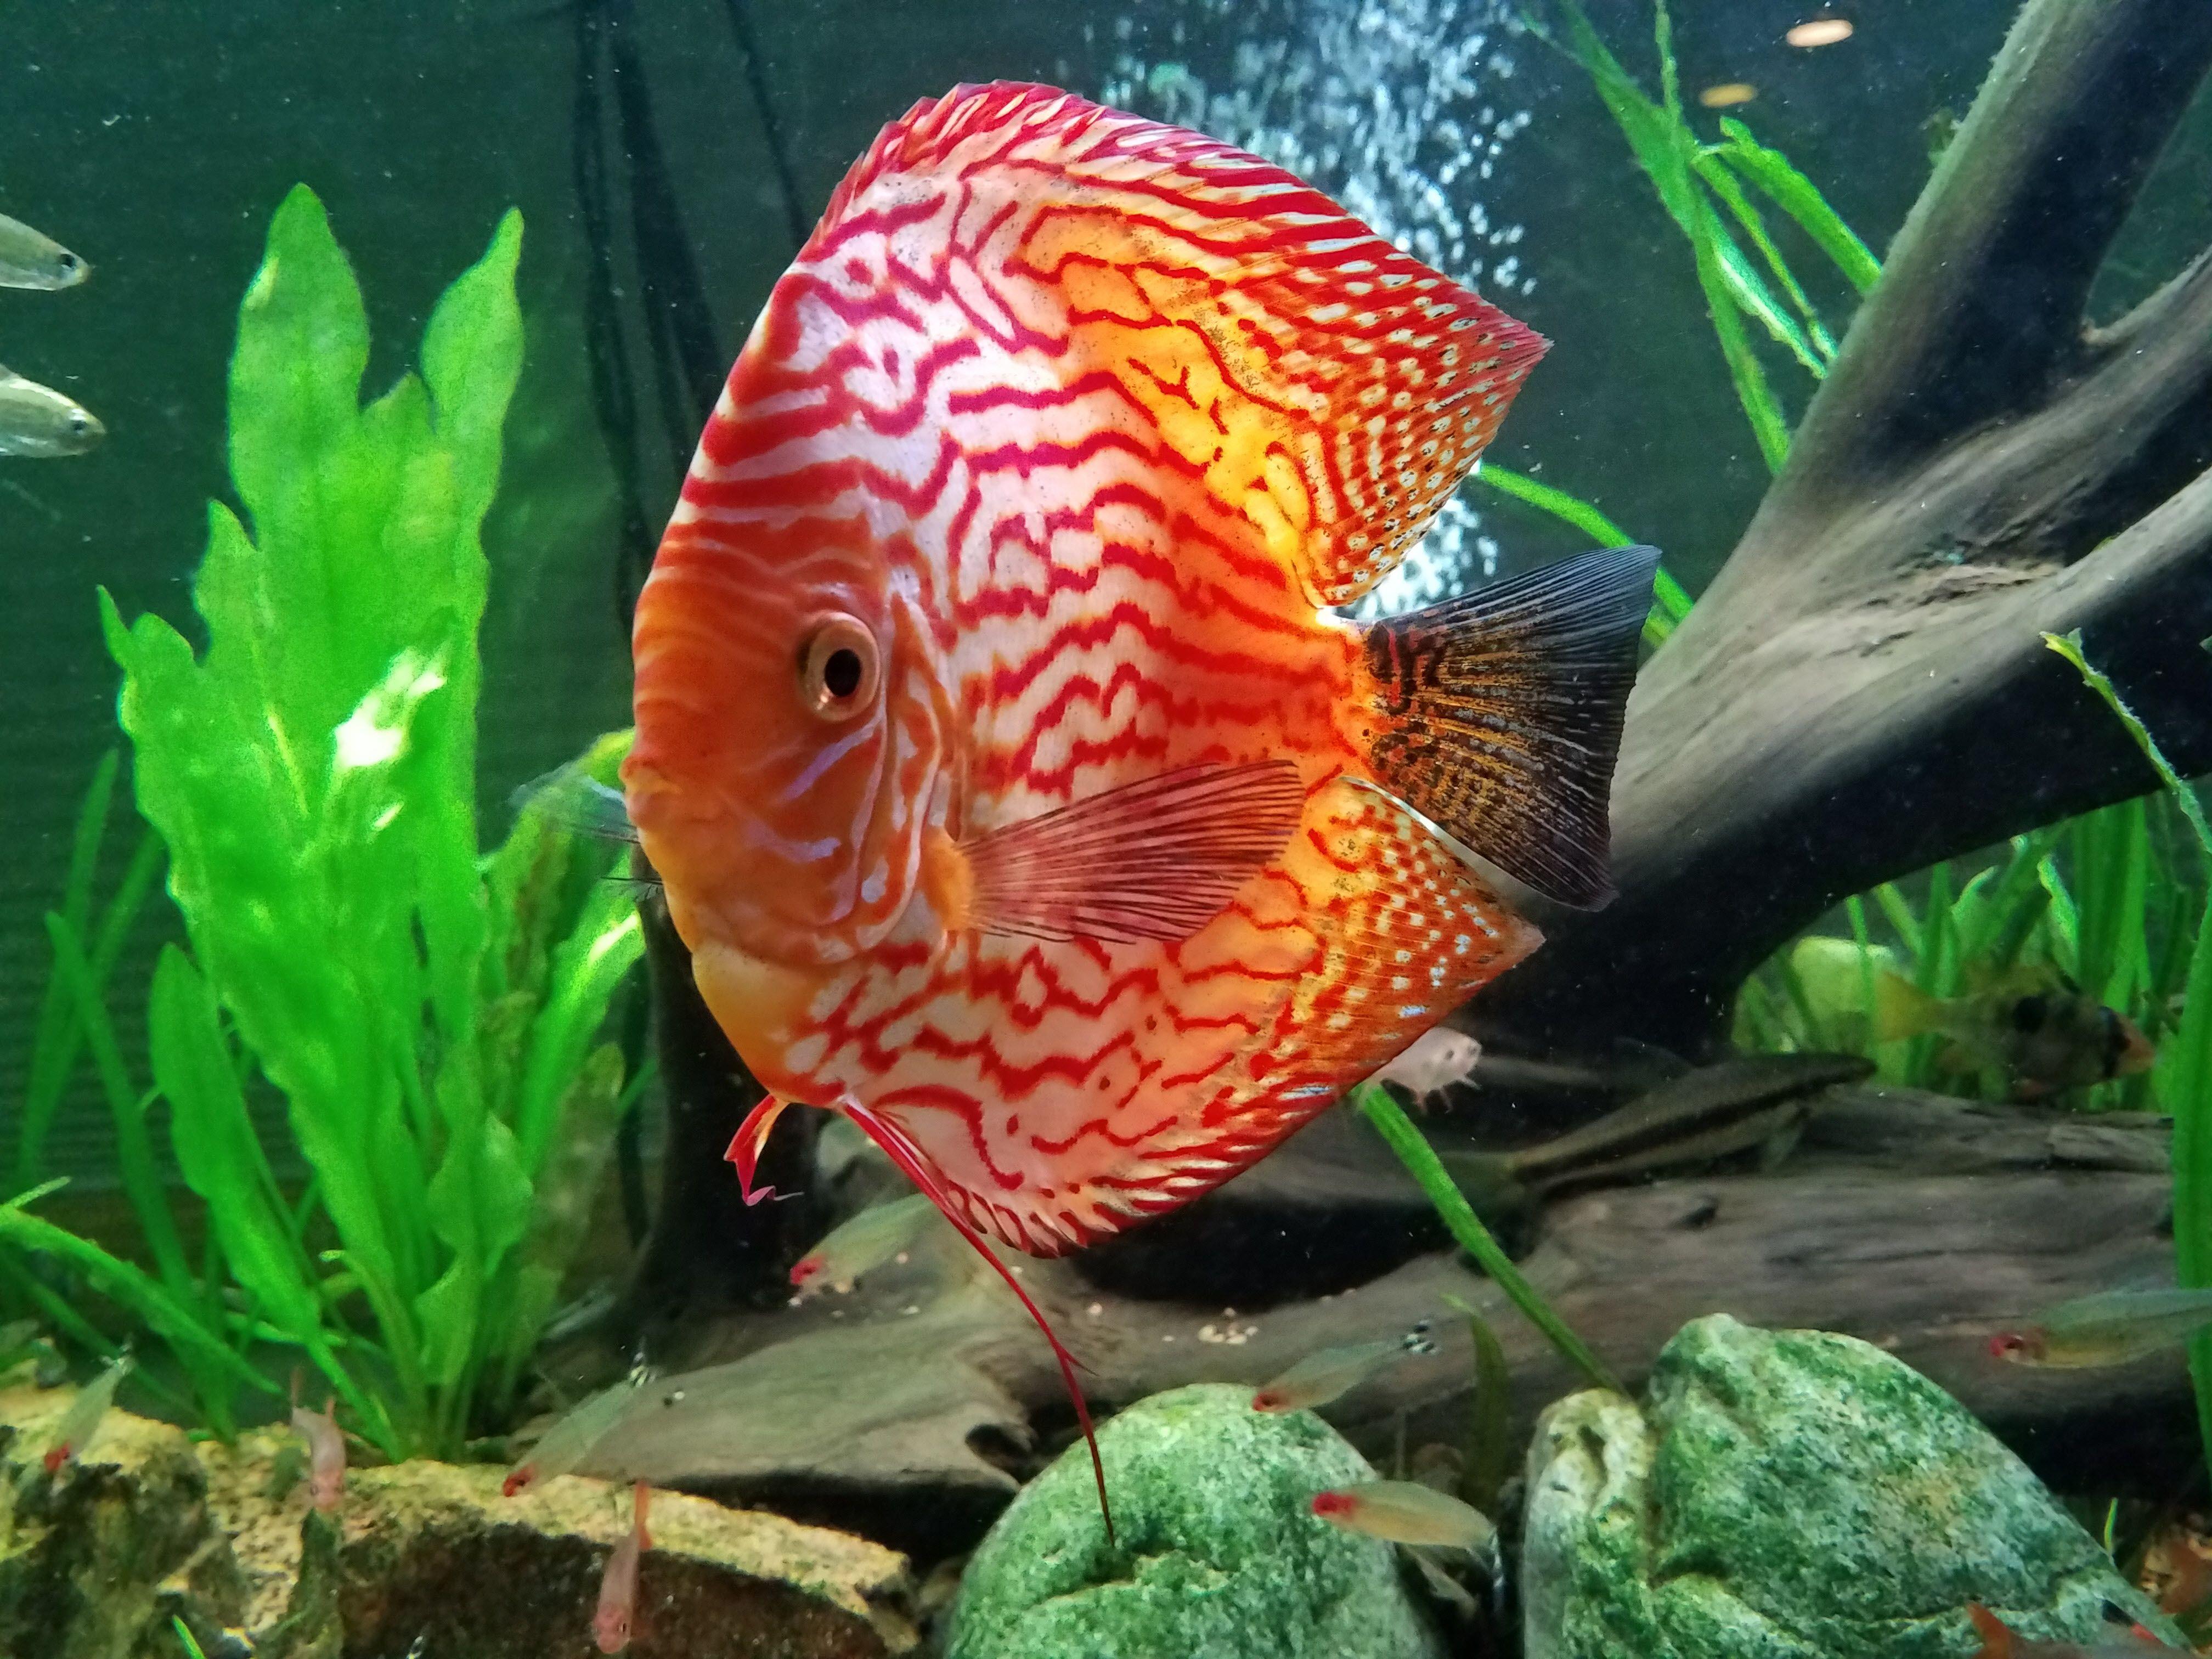 Checkerboard Panda #wattleydiscus | My Fish Hobby | Pinterest